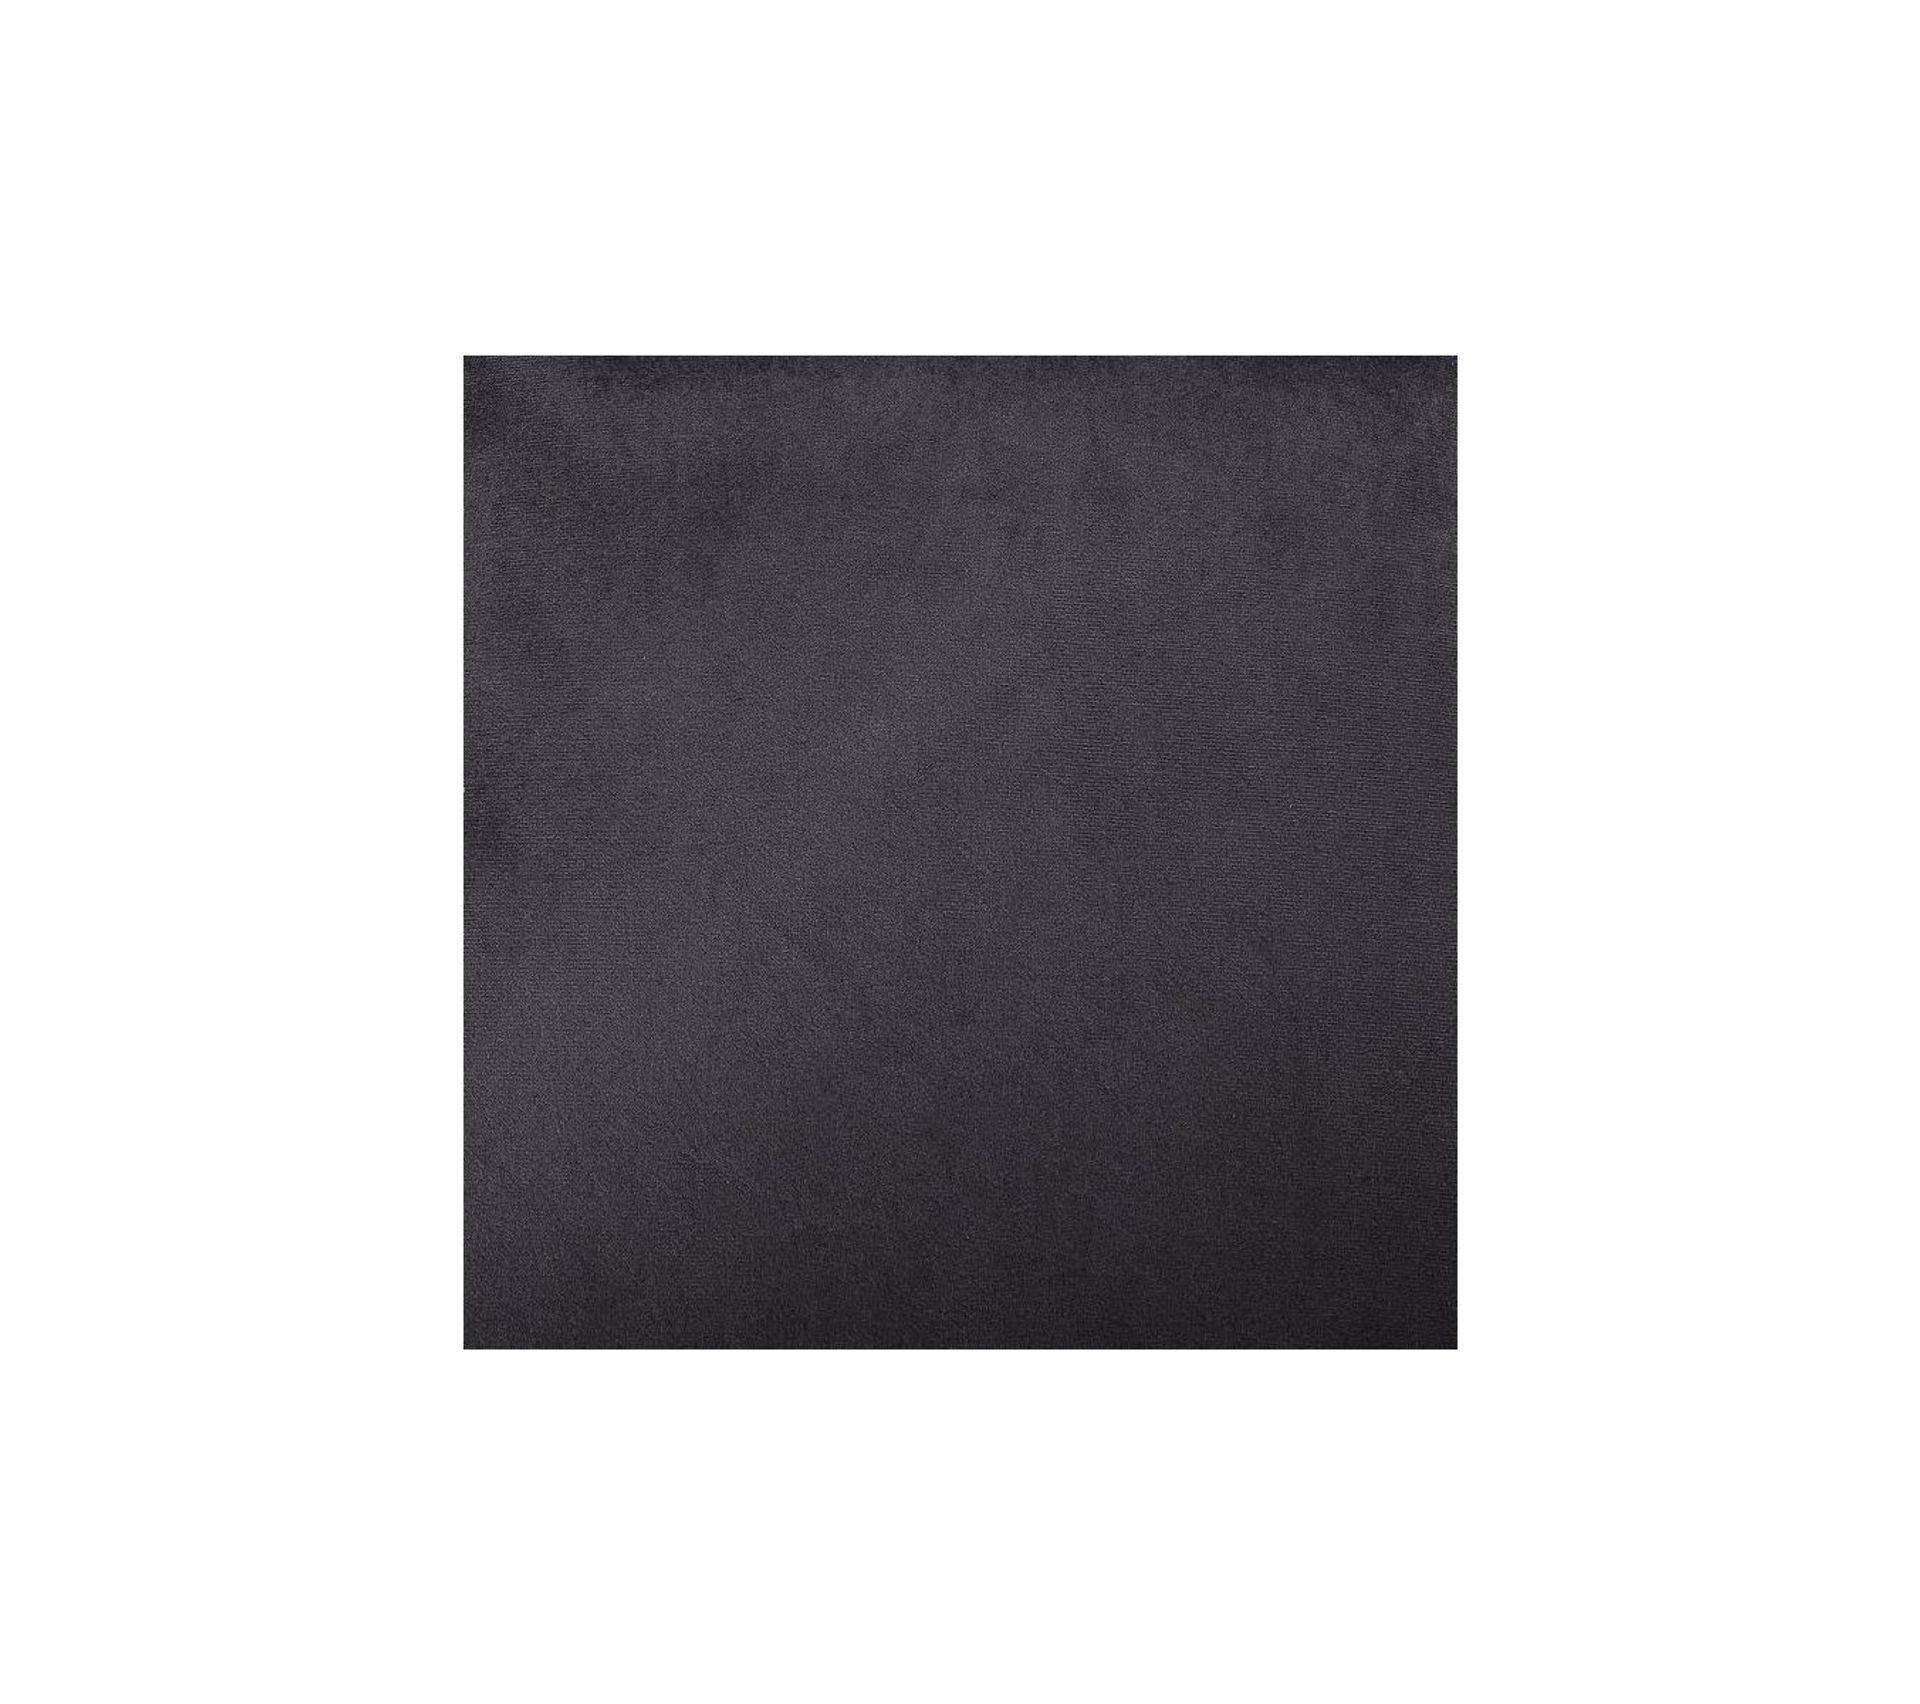 Joseph Fauteuil Pieds Bois Velours Noir L 64 X P 71 X H 93 Cm